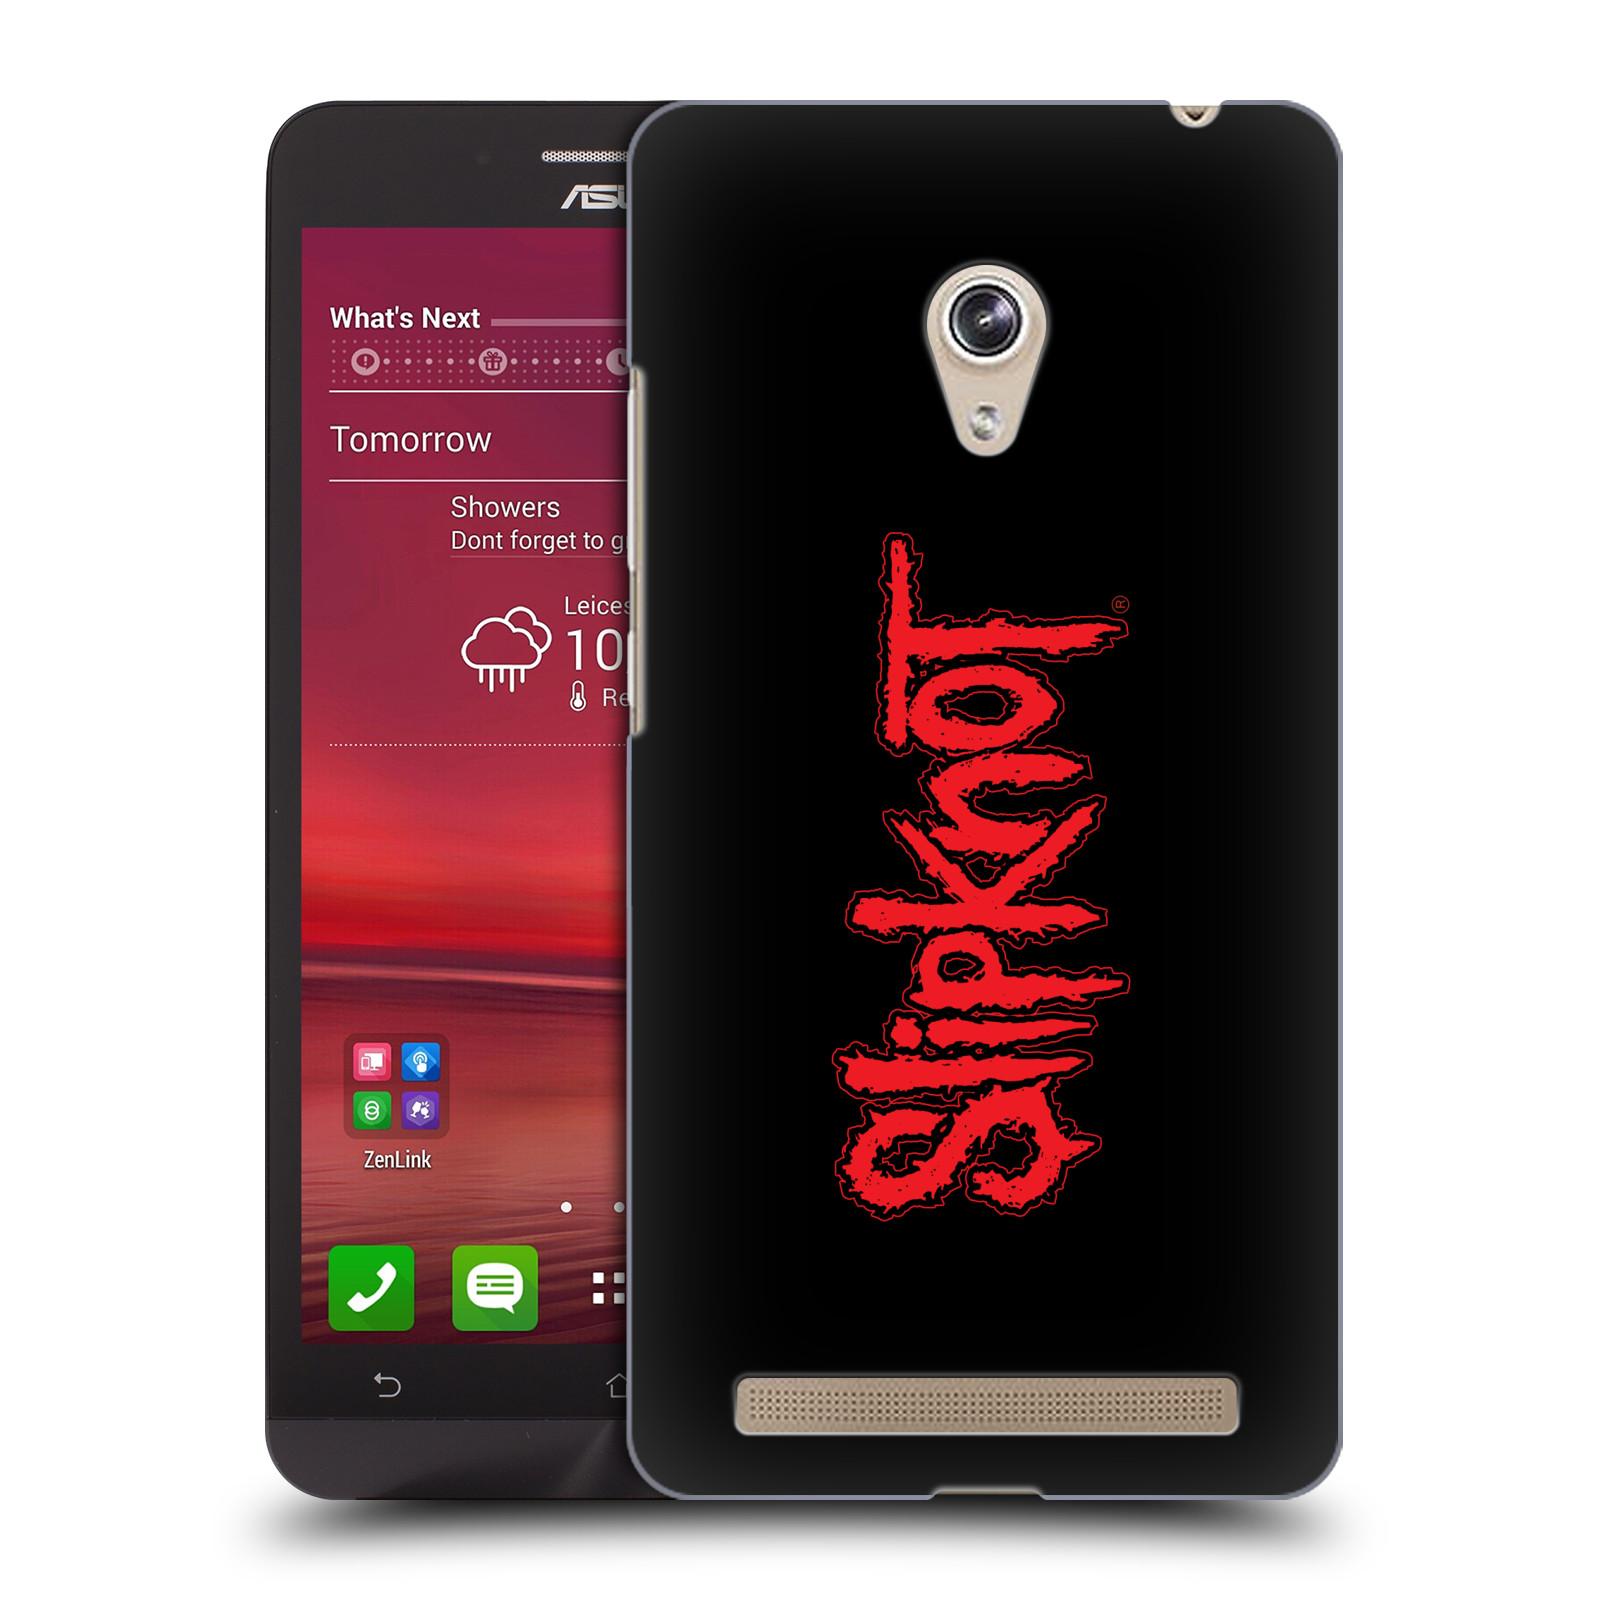 Plastové pouzdro na mobil Asus Zenfone 6 HEAD CASE Slipknot - Logo (Plastový kryt či obal na mobilní telefon licencovaným motivem Slipknot pro Asus Zenfone 6 A600CG / A601CG)